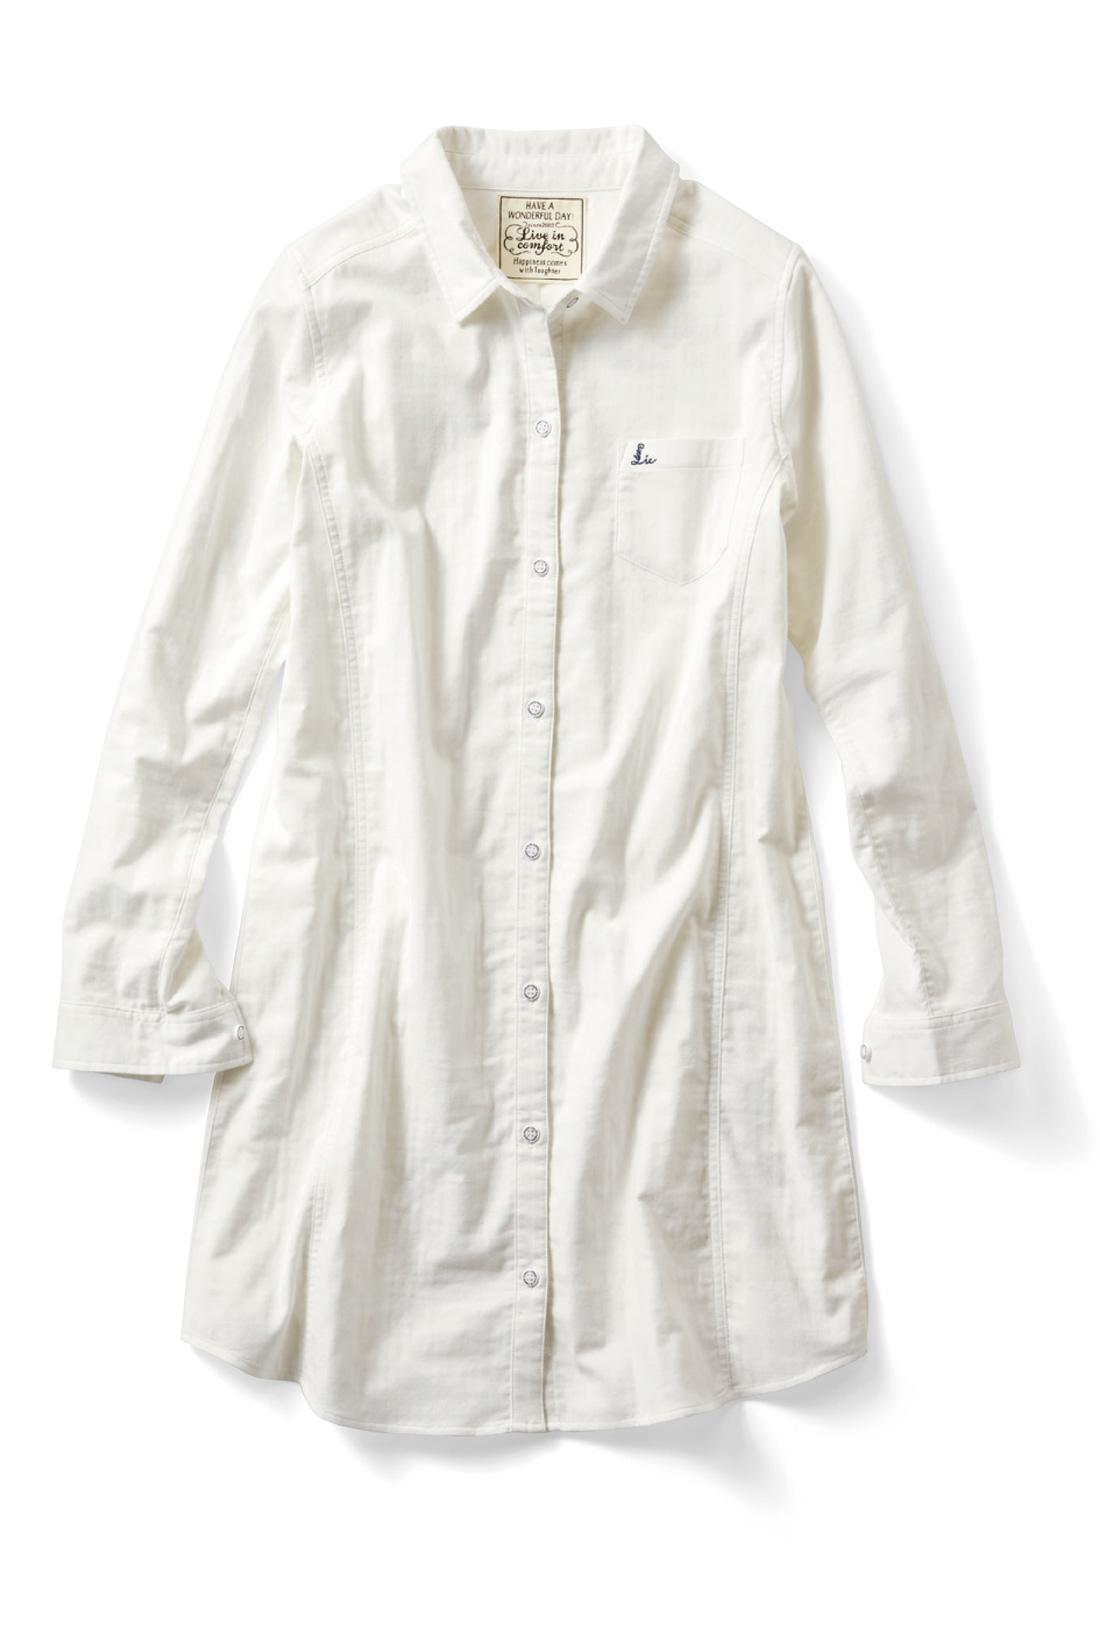 無敵の着まわし力【ホワイト】しっかりと腰まわりをカバーしてくれるチュニック丈。重ね着にも大活躍。